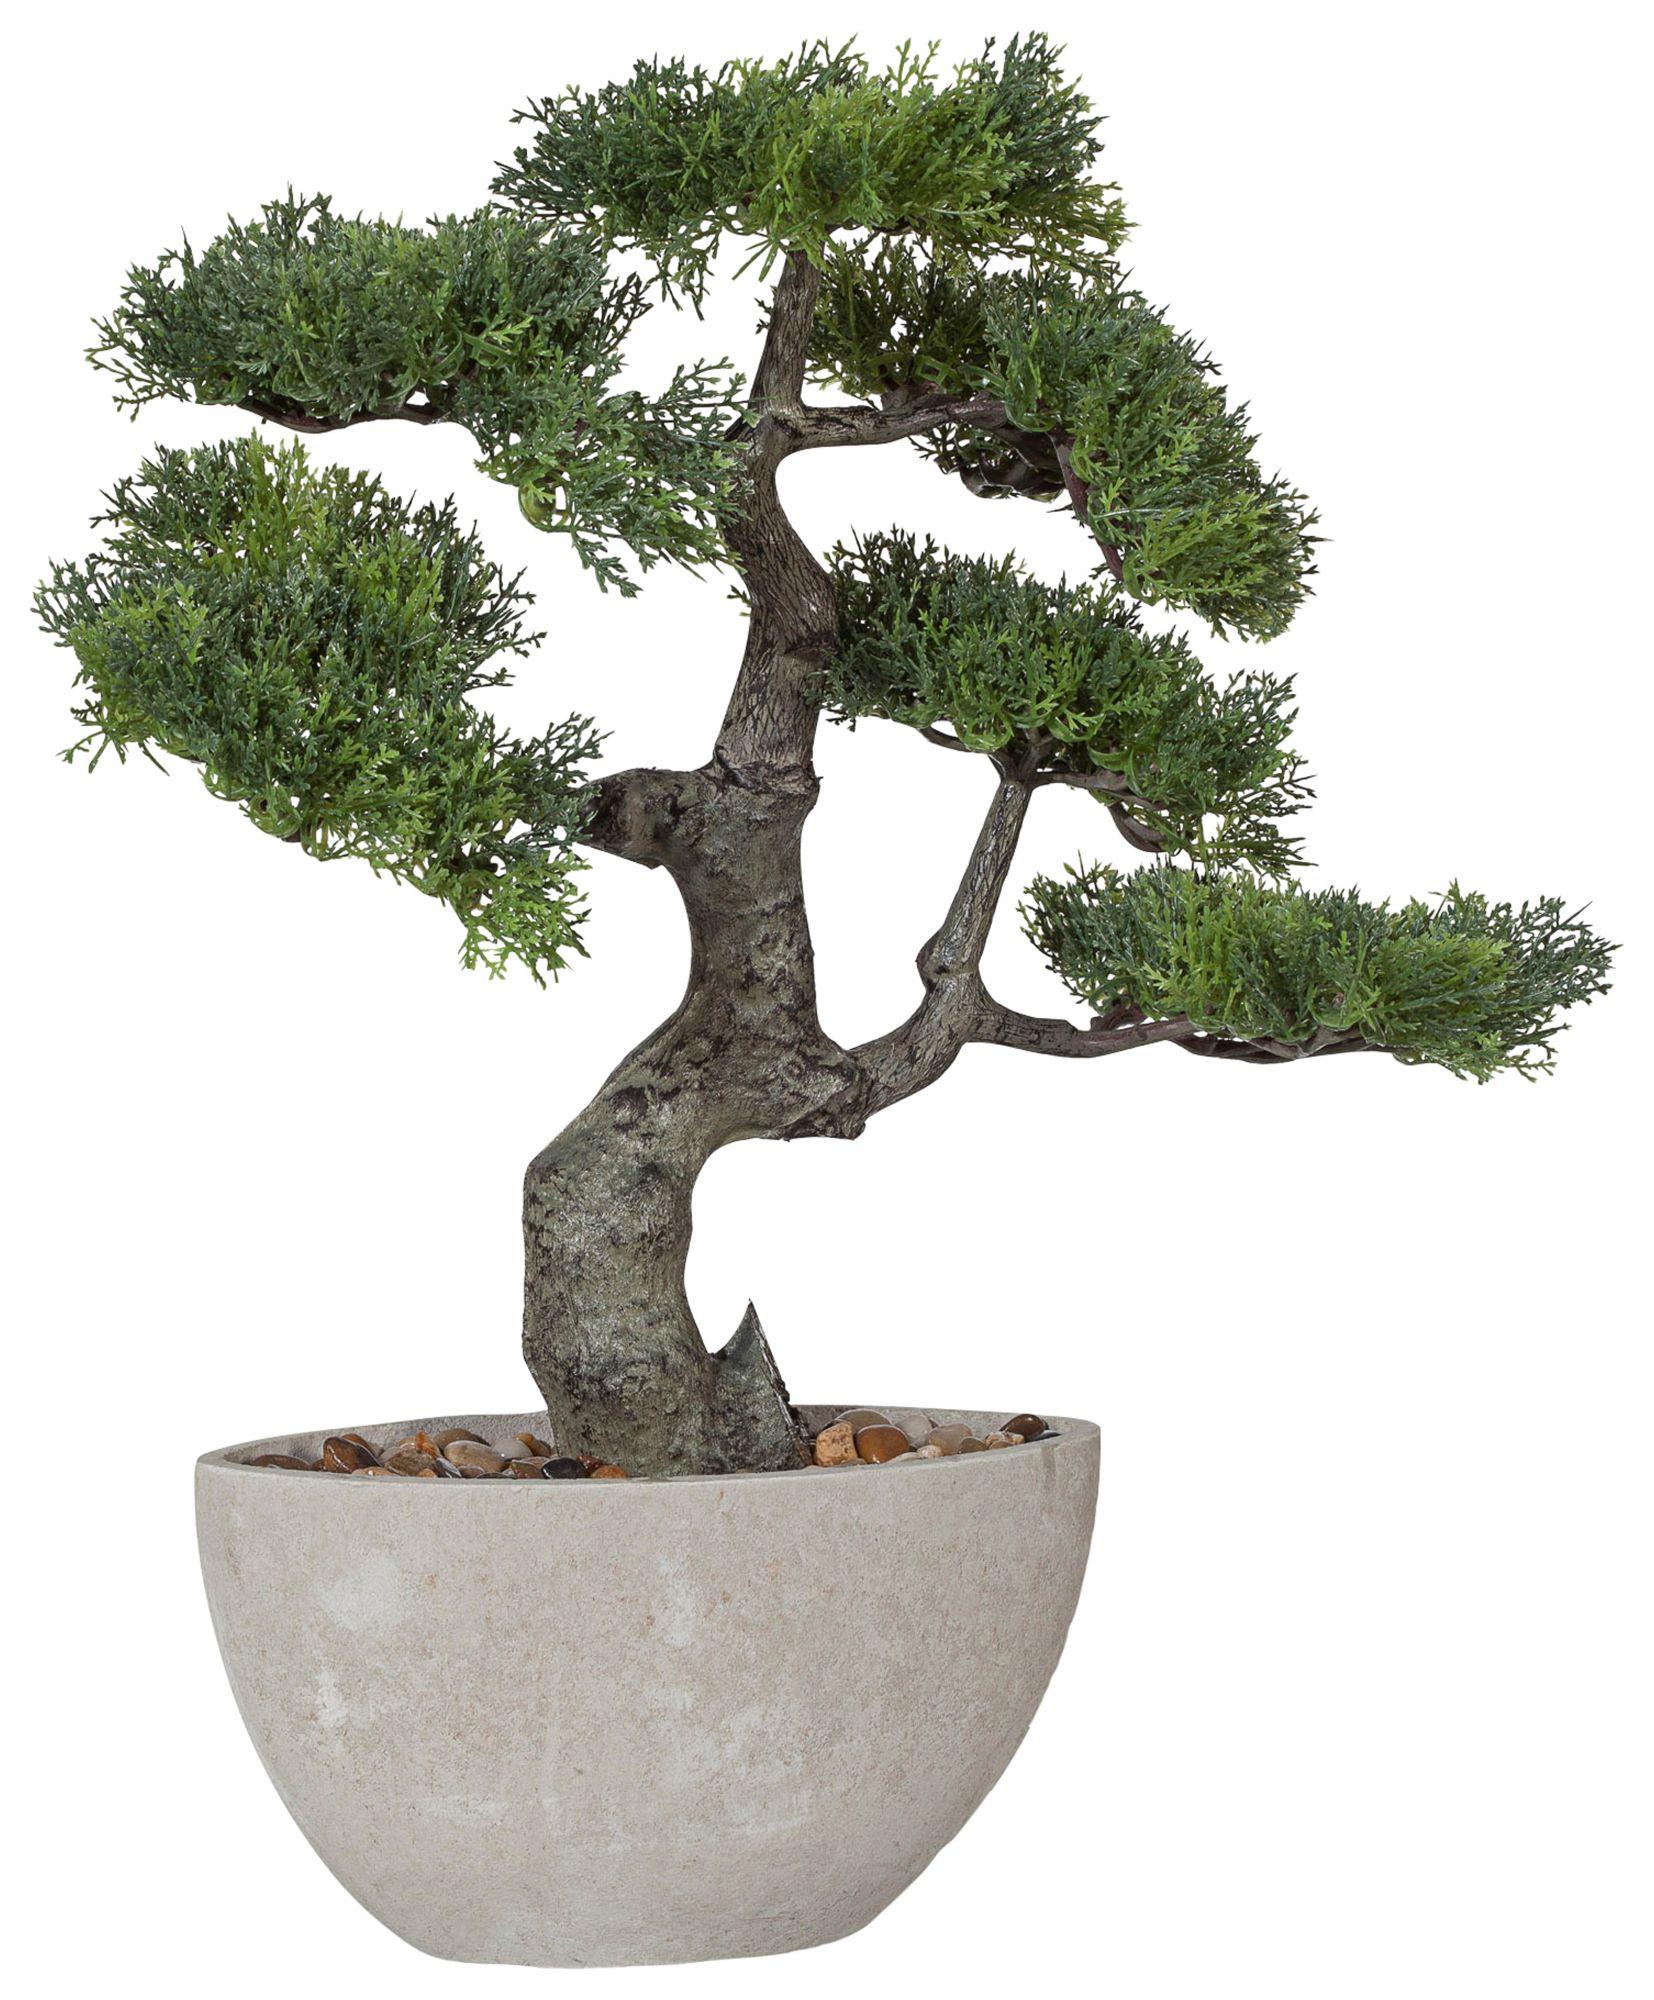 kunstpflanze bonsai g nstig online kaufen beim schwab versand. Black Bedroom Furniture Sets. Home Design Ideas